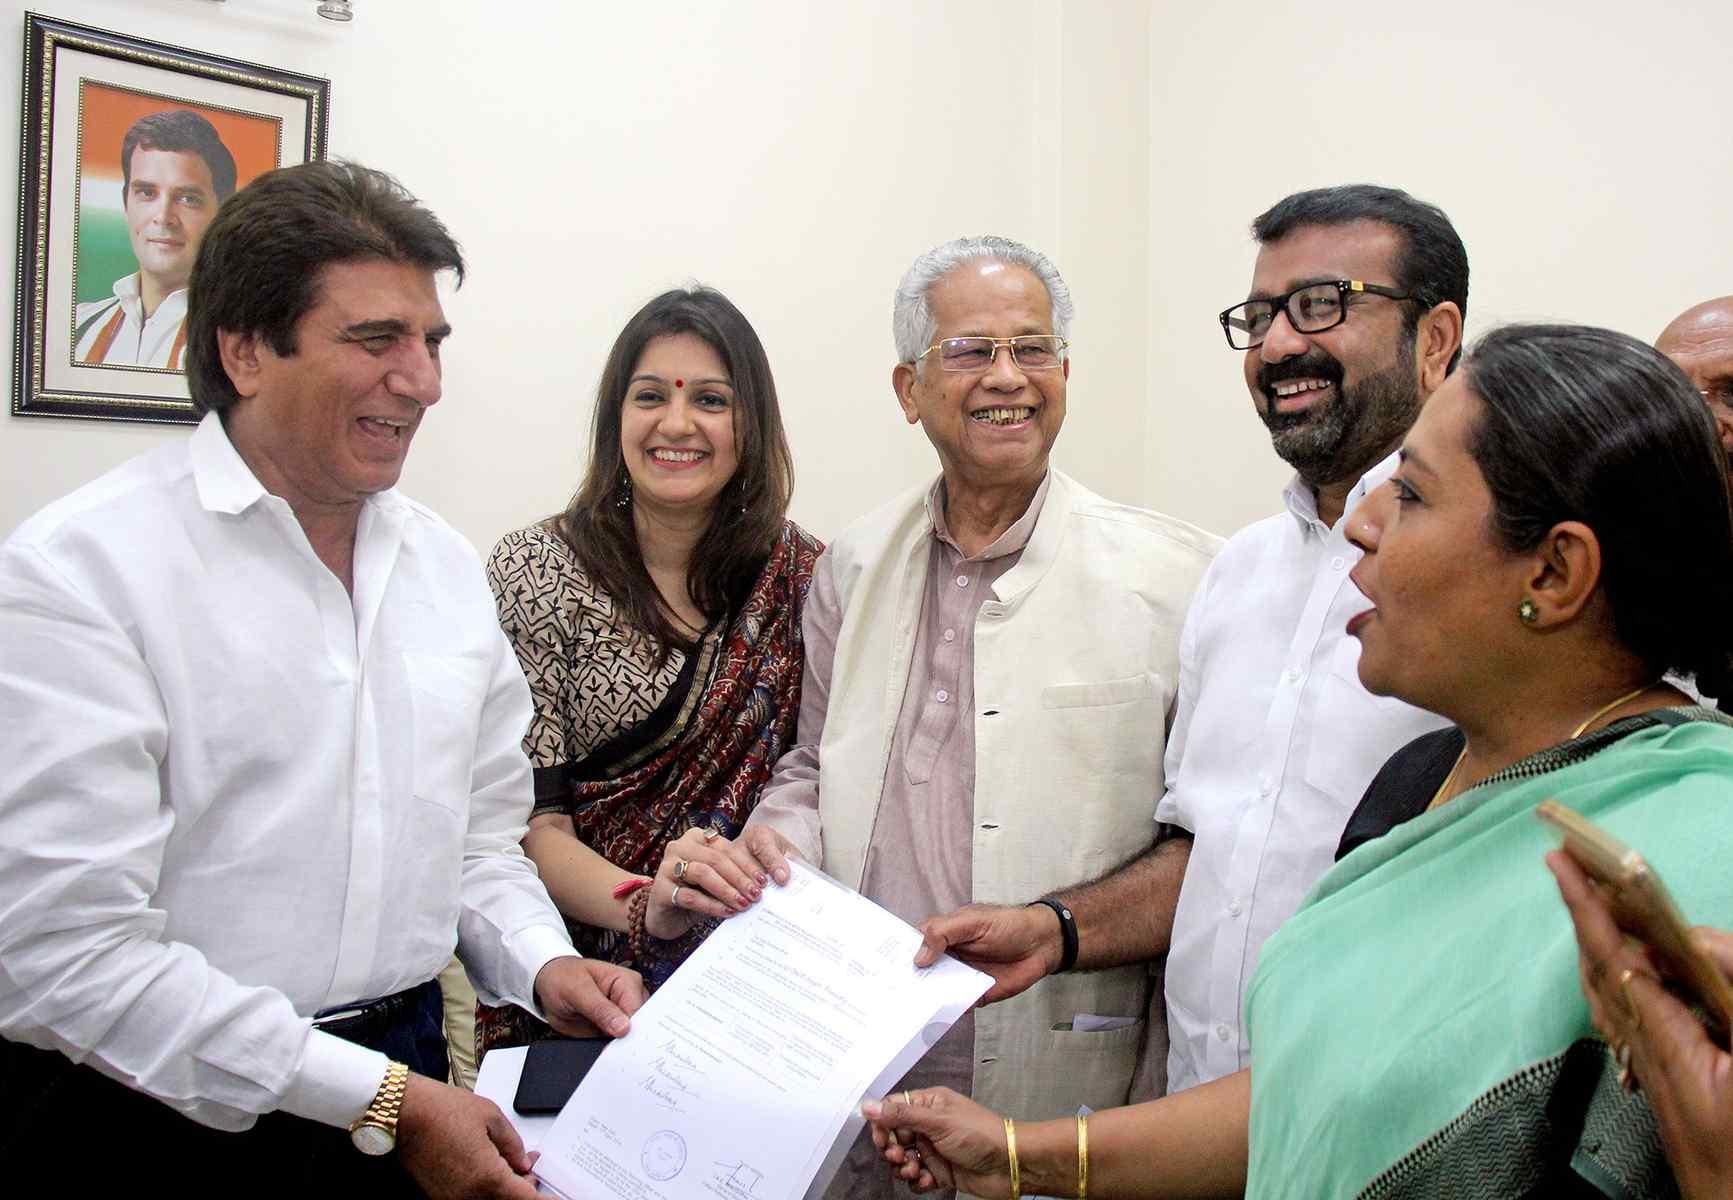 दूसरों की आलोचना के बजाय घर की सुध लें योगी: राज बब्बर